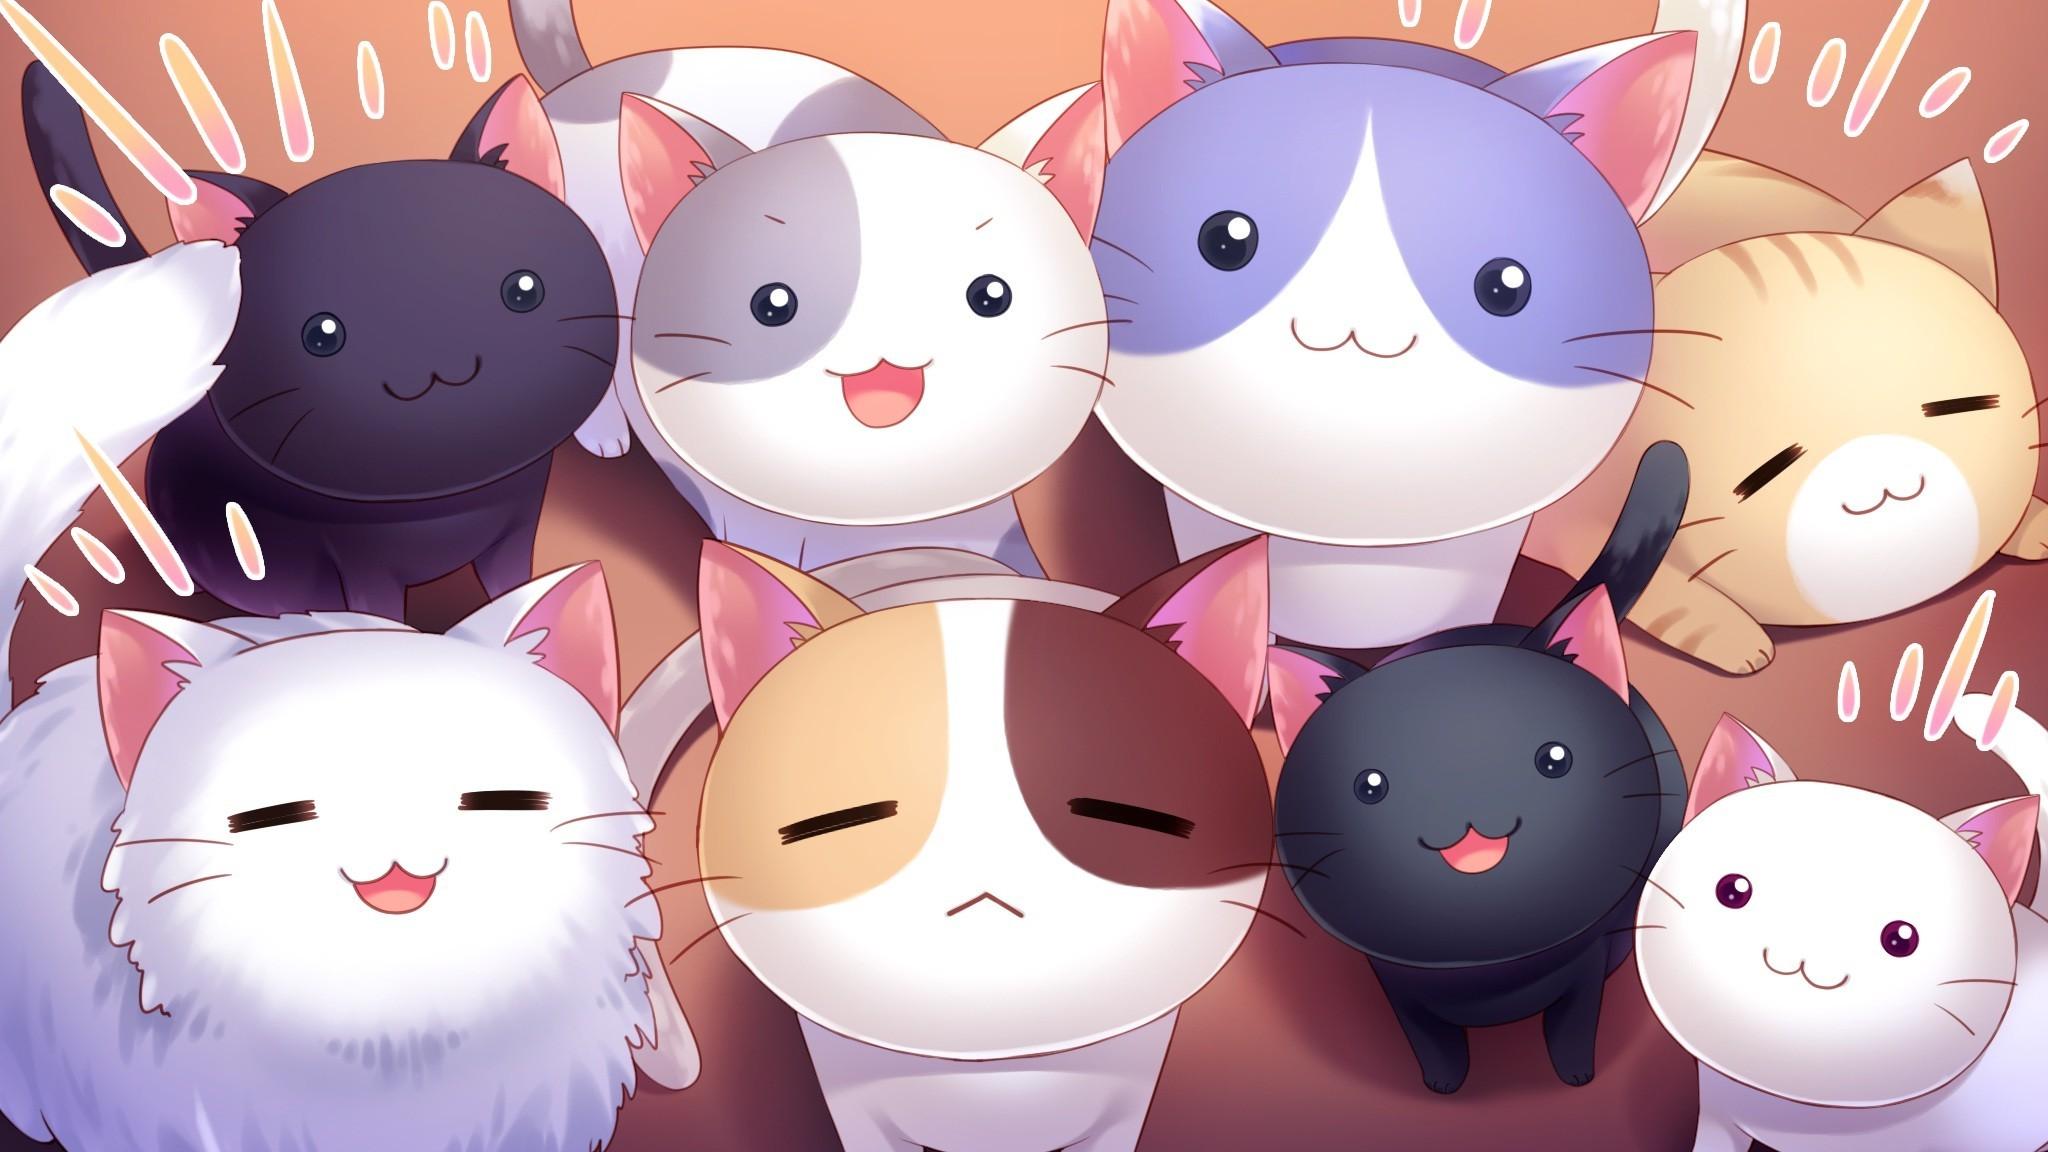 Wallpaper Illustration Cat Anime Cartoon Visual Novel